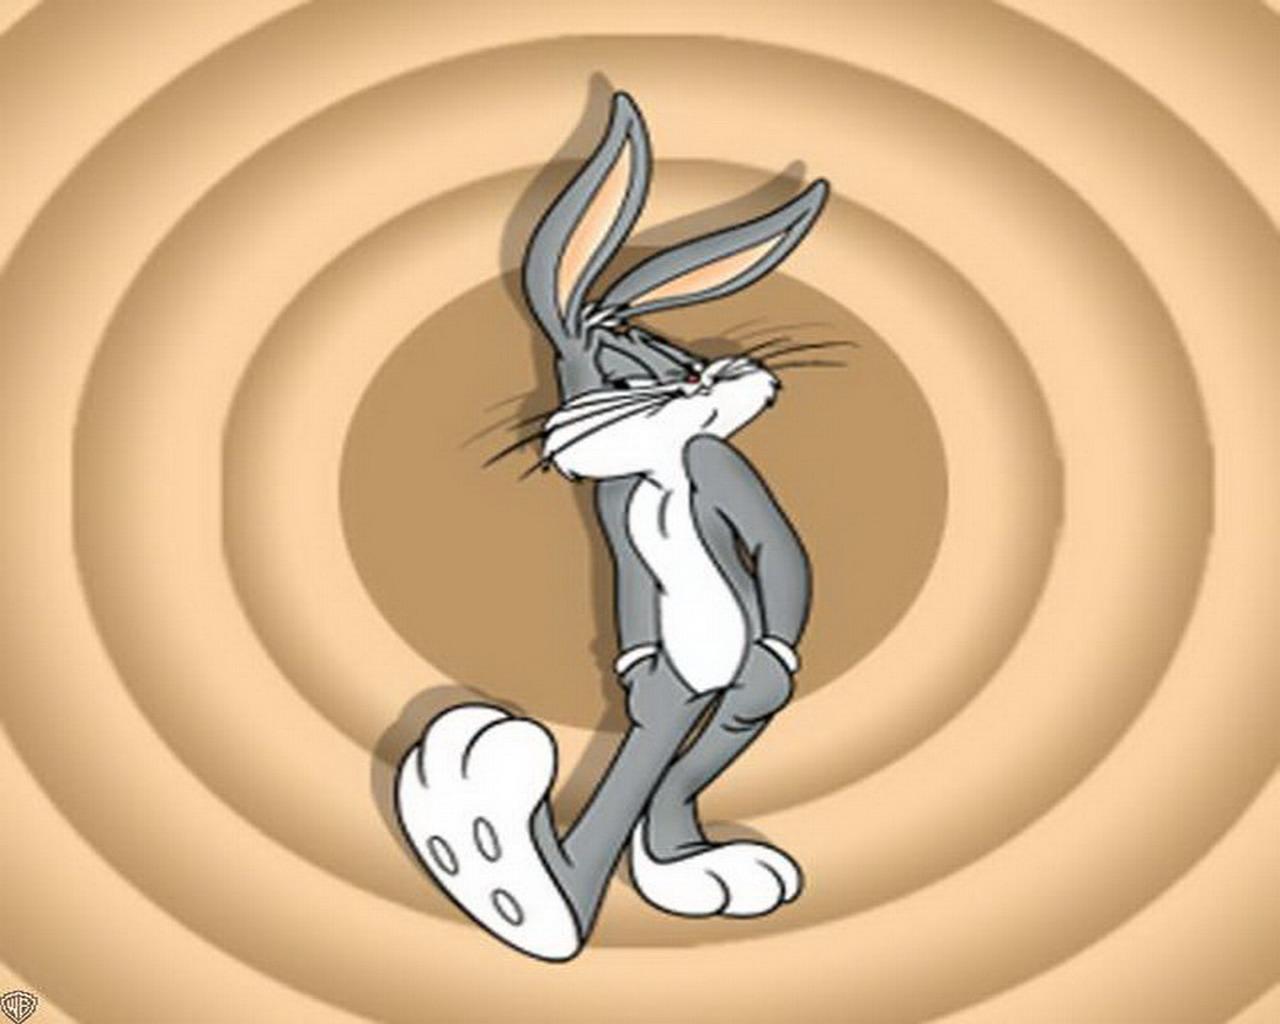 bugs bunny Paga menos, bugs bunny hoodie de buena calidad con envío en todo el mundo en aliexpresscom.